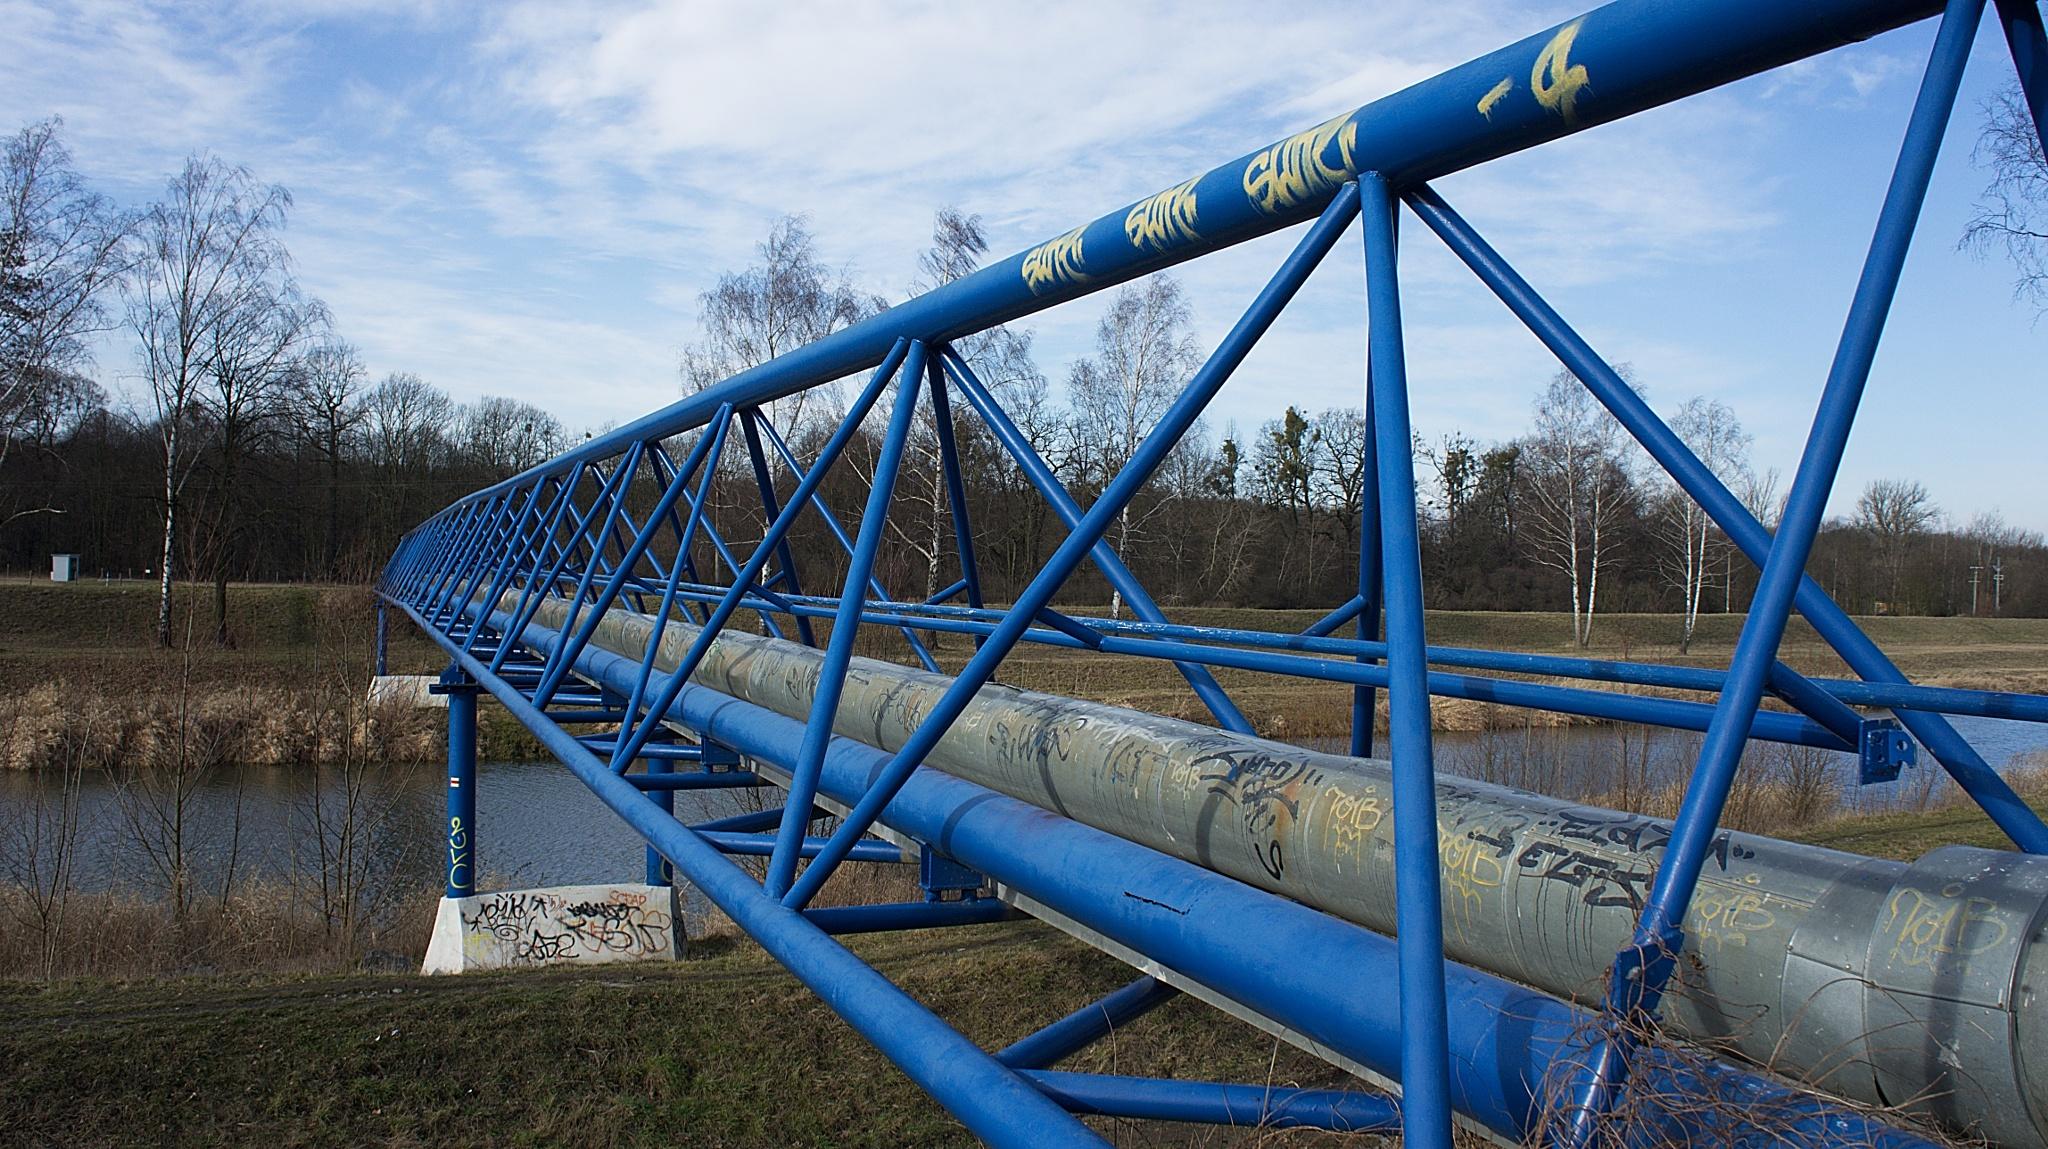 Tubular bridge by kleckaj6